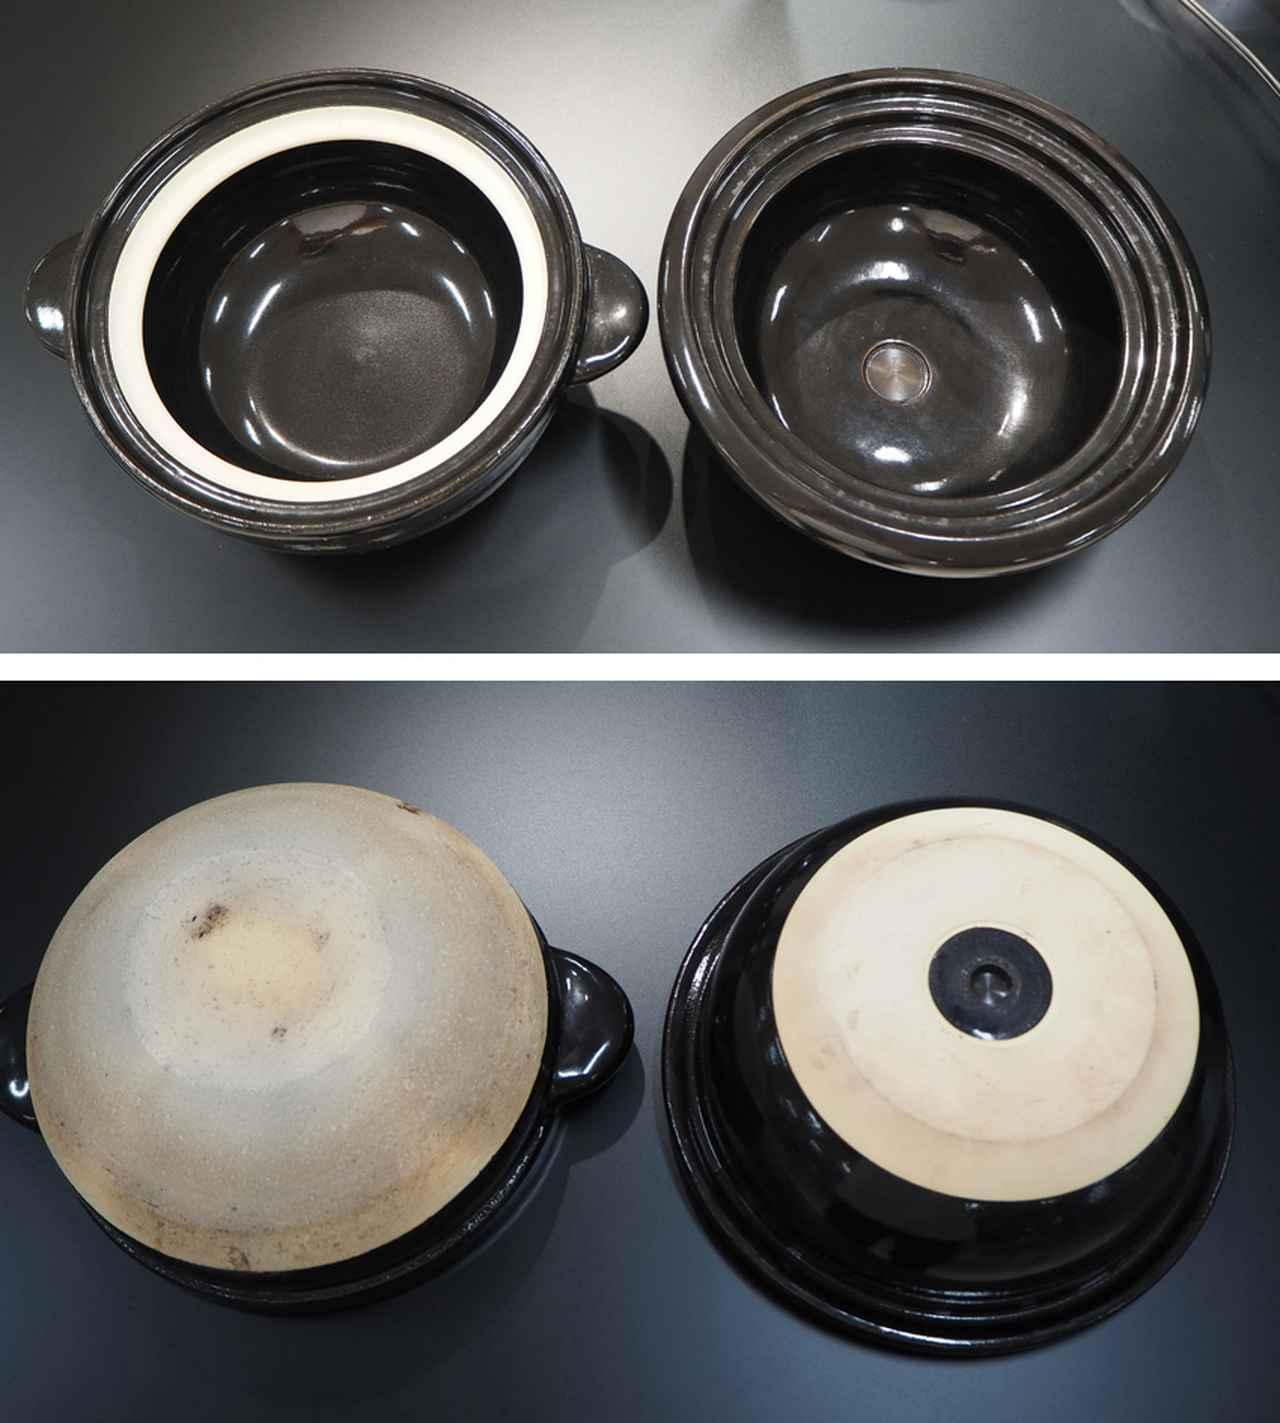 画像: 左が元祖、右が電気の土鍋。かまどさん電気の土鍋には鍋底の中央に水温センサーが組み込まれている。